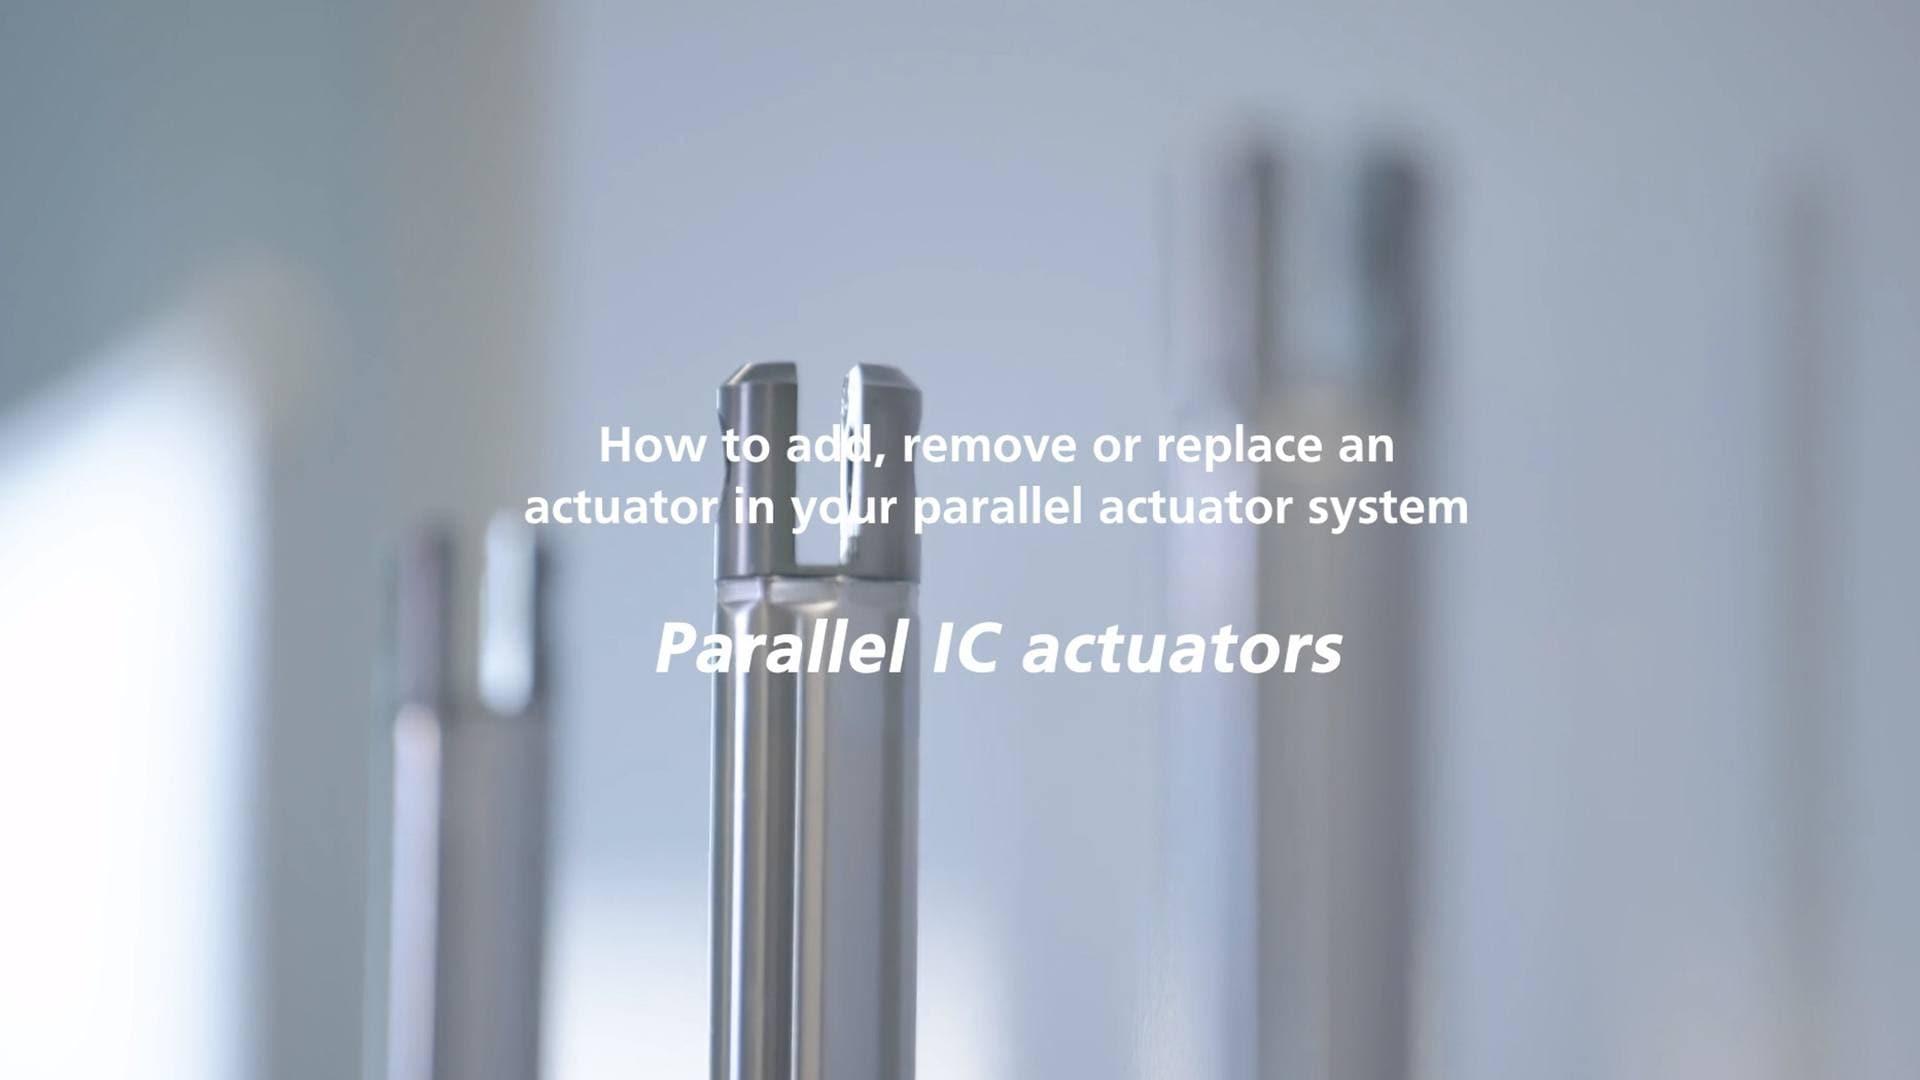 IC paralel aktüatör sistemi - Bir aktüatör eklenmesi, mevcut bir aktüatörün çıkarılması ya da değiştirilmesi